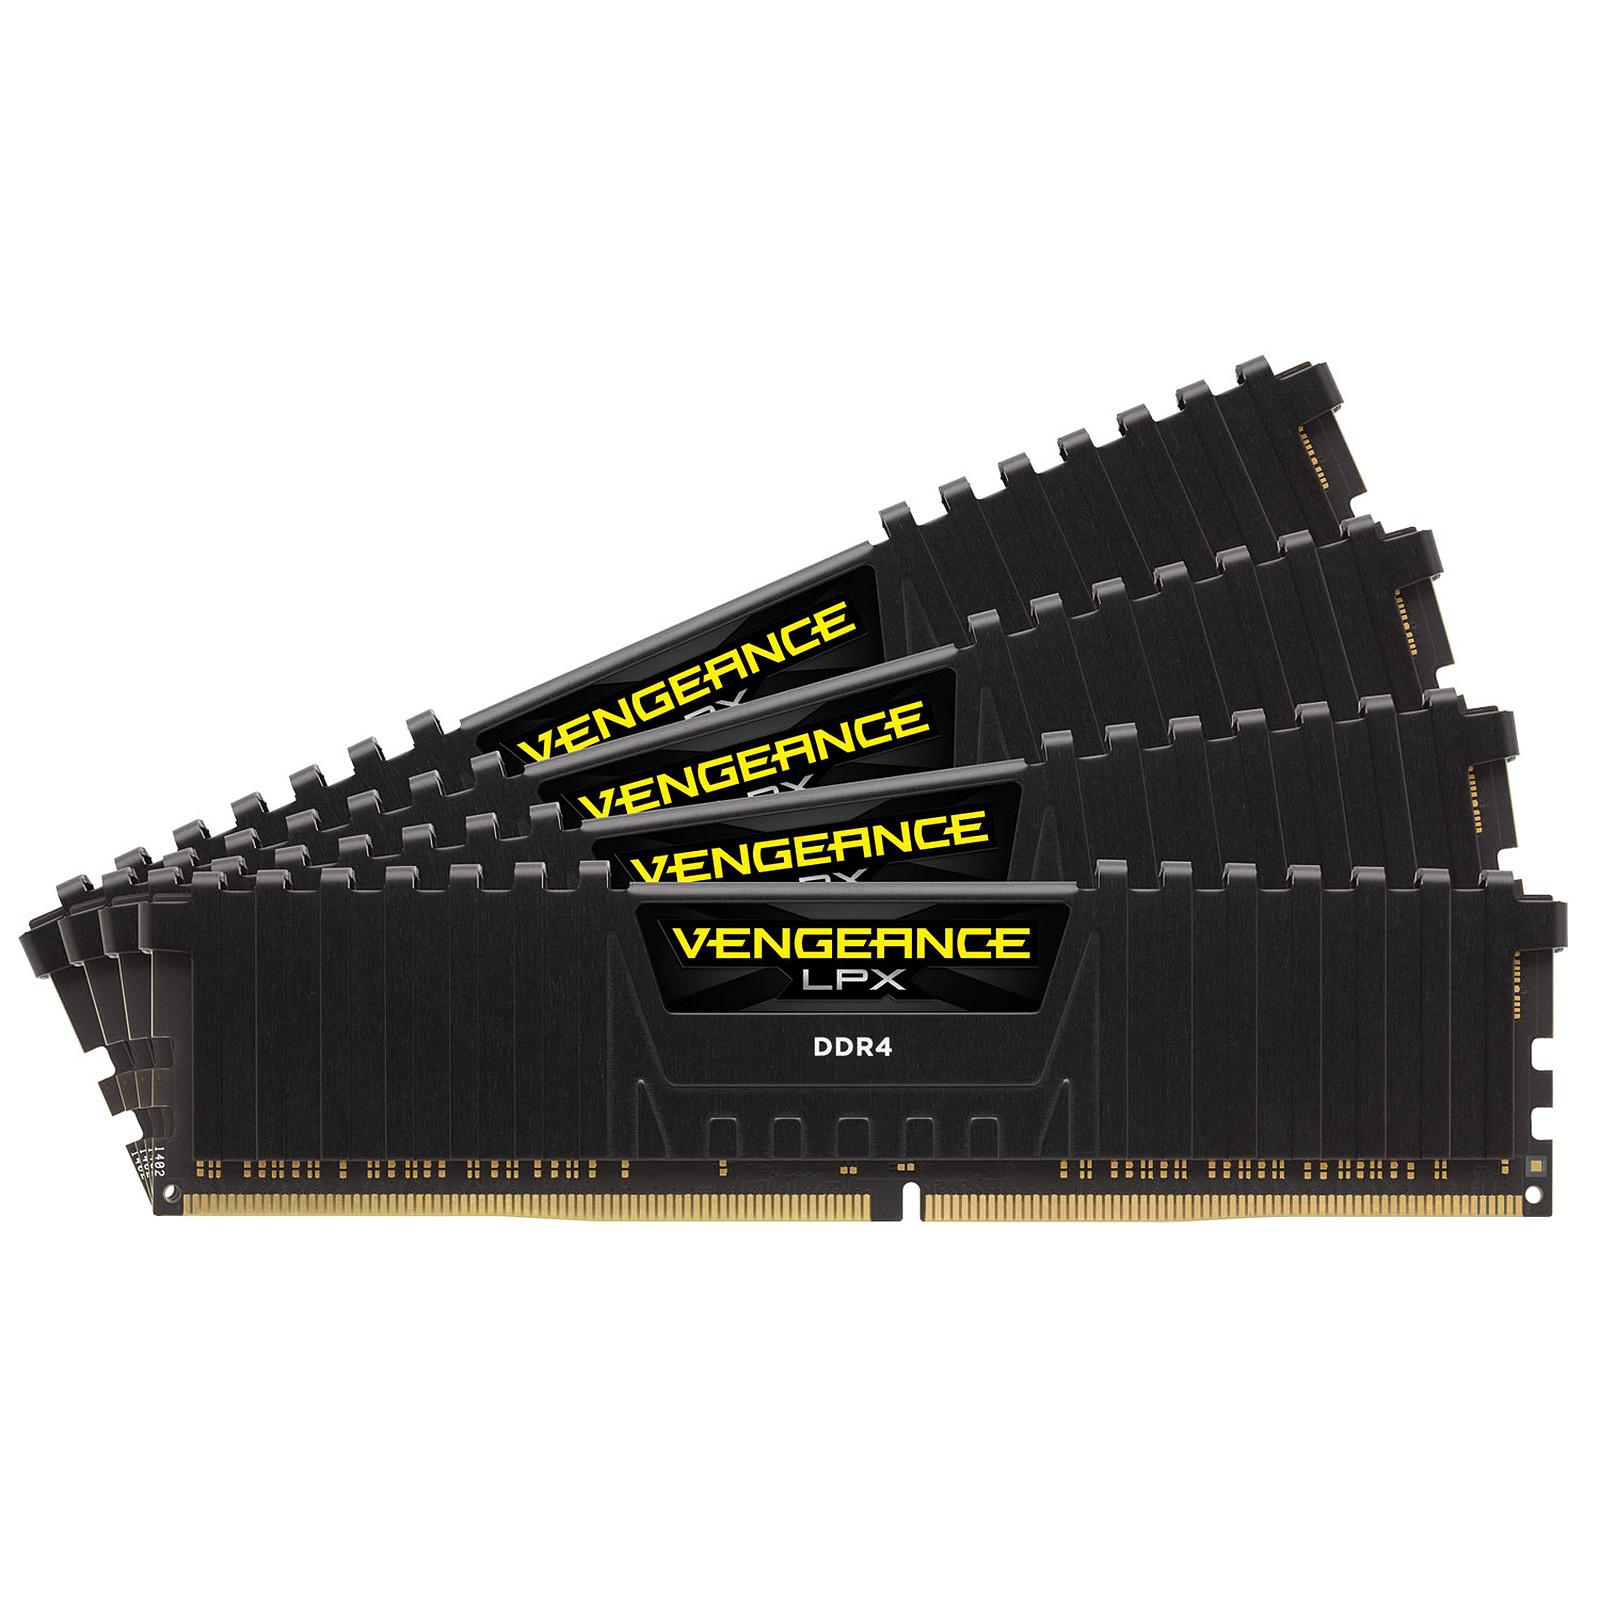 Corsair Vengeance LPX Series Low Profile 16 Go (4x 4 Go) DDR4 3600 MHz CL18